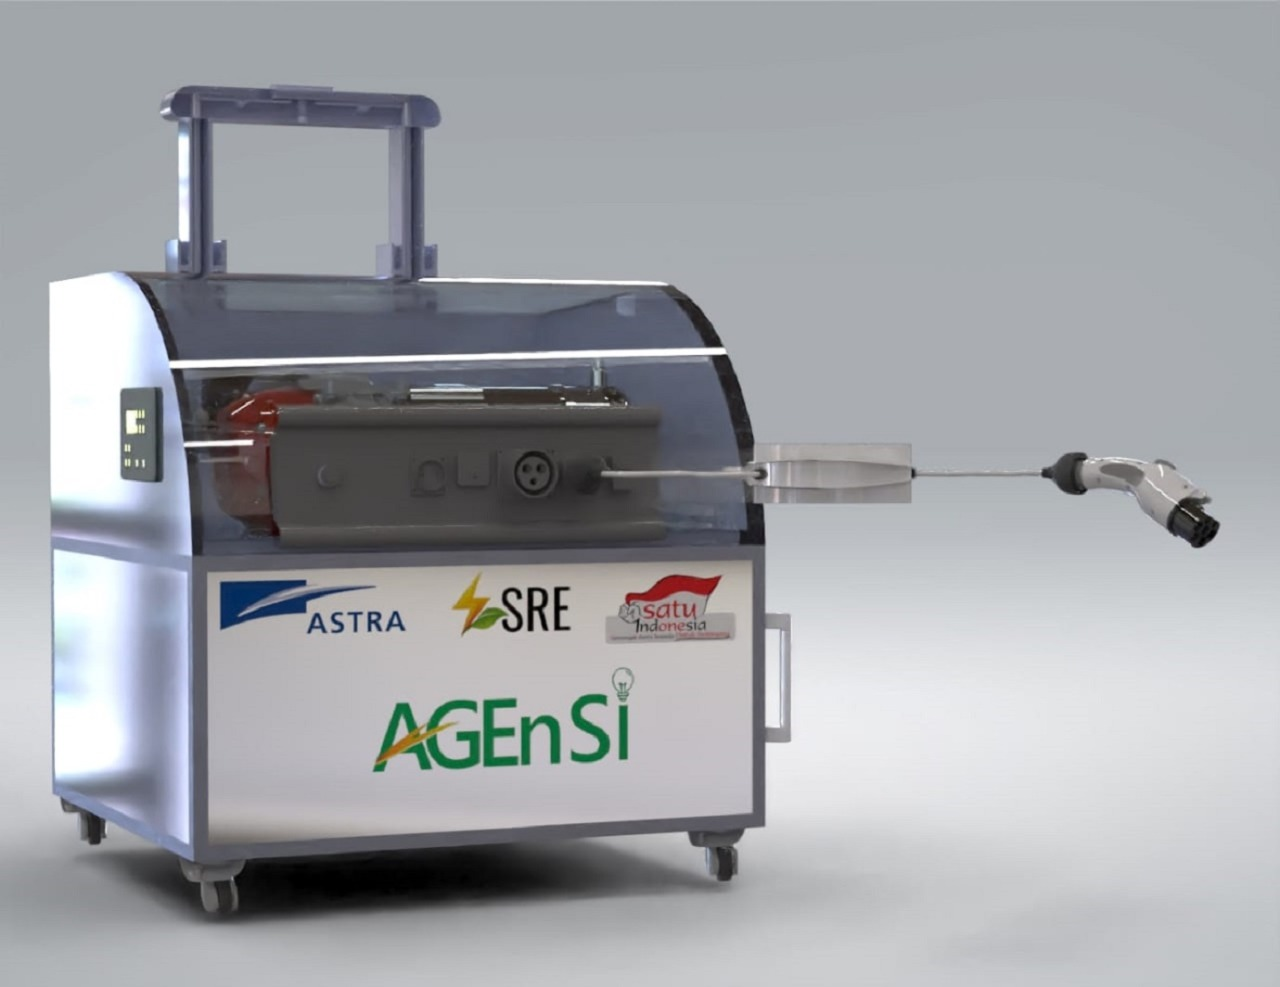 Prototipe dari Antasena Portable Charger Electric Vehicle (PCEV) yang diikutsertakan dalam ajang AGEn SI 2021